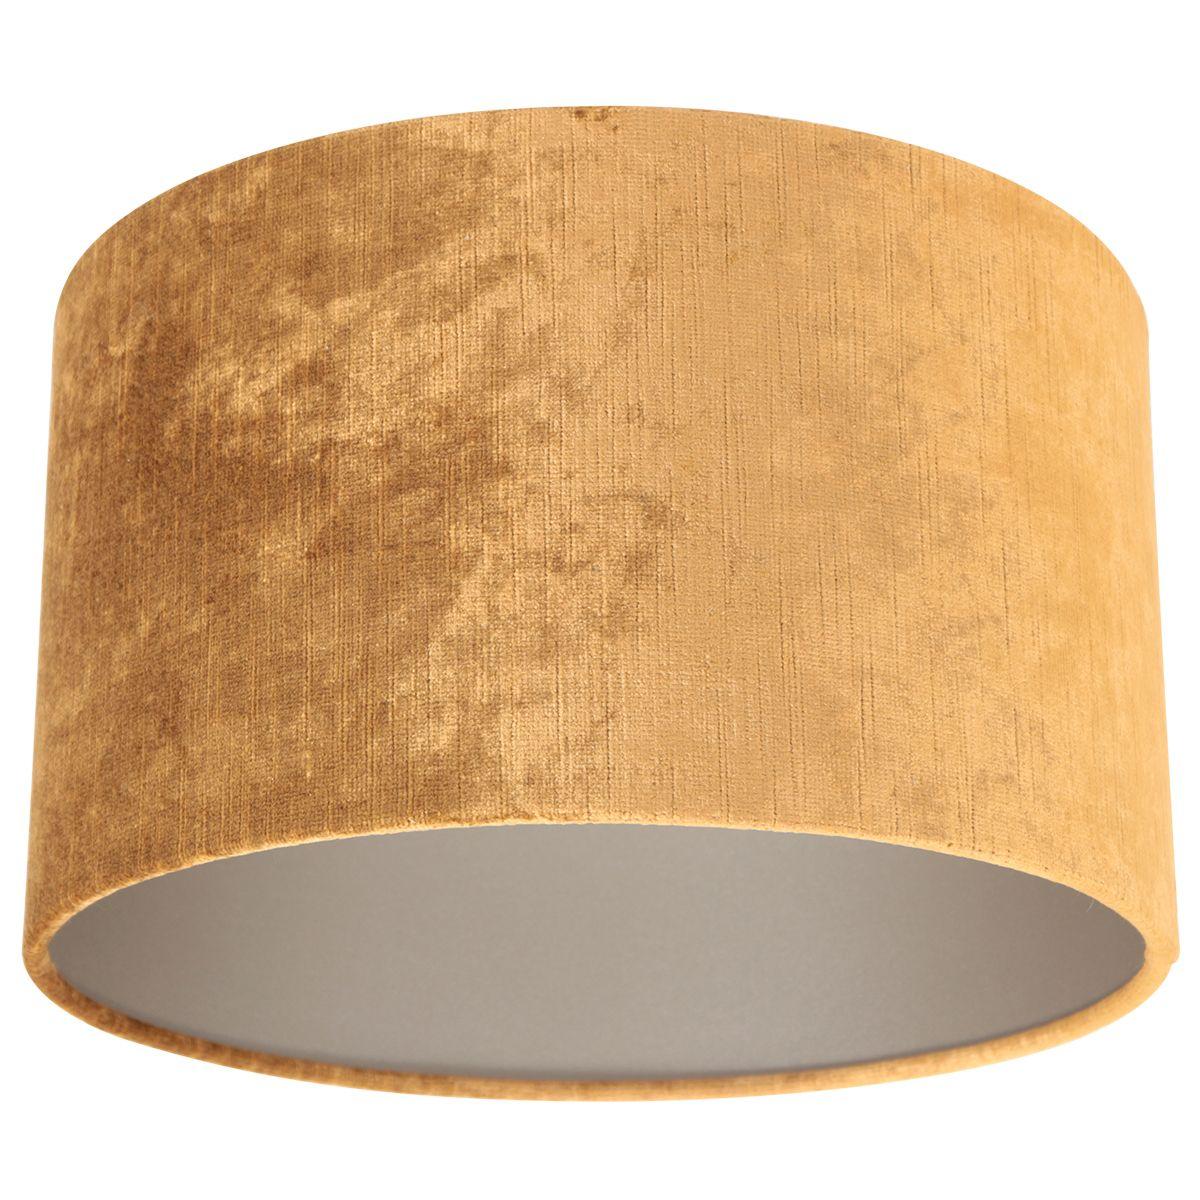 Steinhauer - Kap - lampenkap Ø 30 cm - velours goud